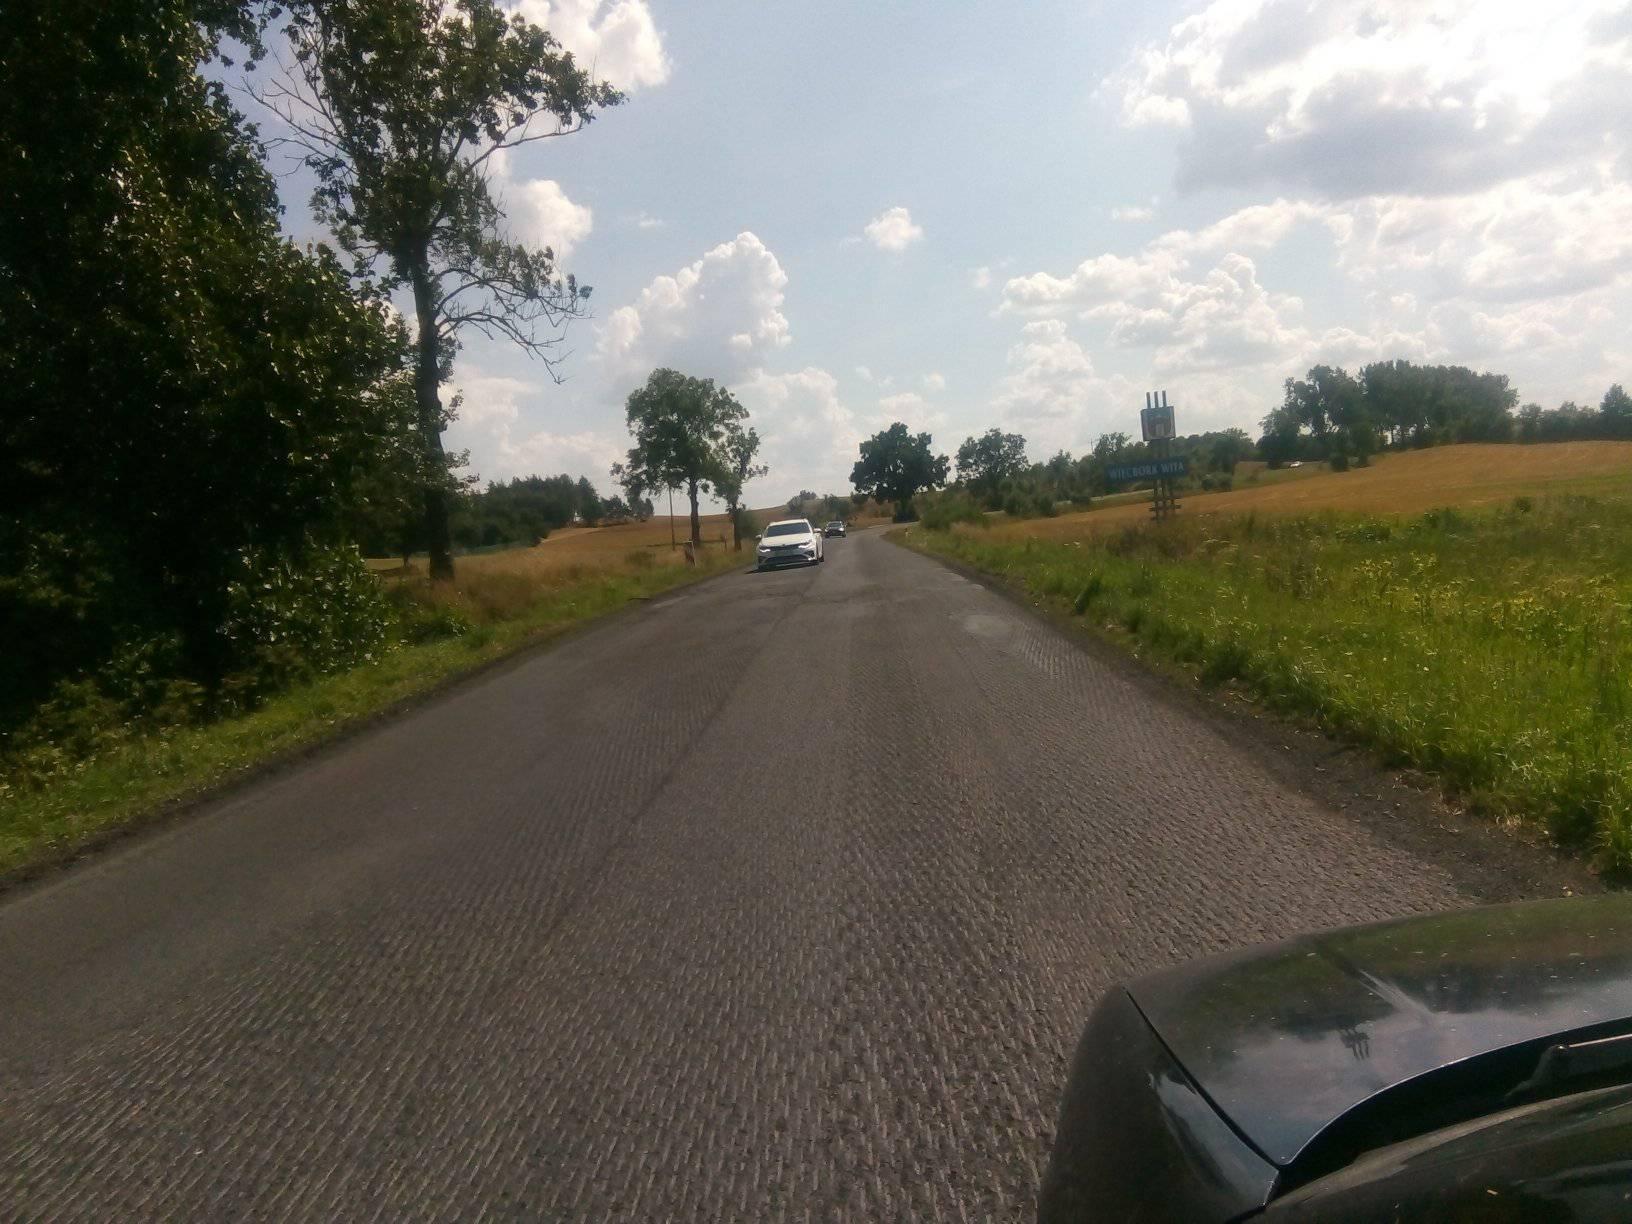 Dziś rozpoczęła się wywalczona przeze mnie nakazami pokontrolnymi WINB Bydgoszcz przebudowa drogi wojewódzkiej nr241 naodcinku Więcbork - Zborze iTrzciany-Sikorz. Inwestycje wykonuje firma drogowa zPruszkowa - foto Tomasz Roman Bracka